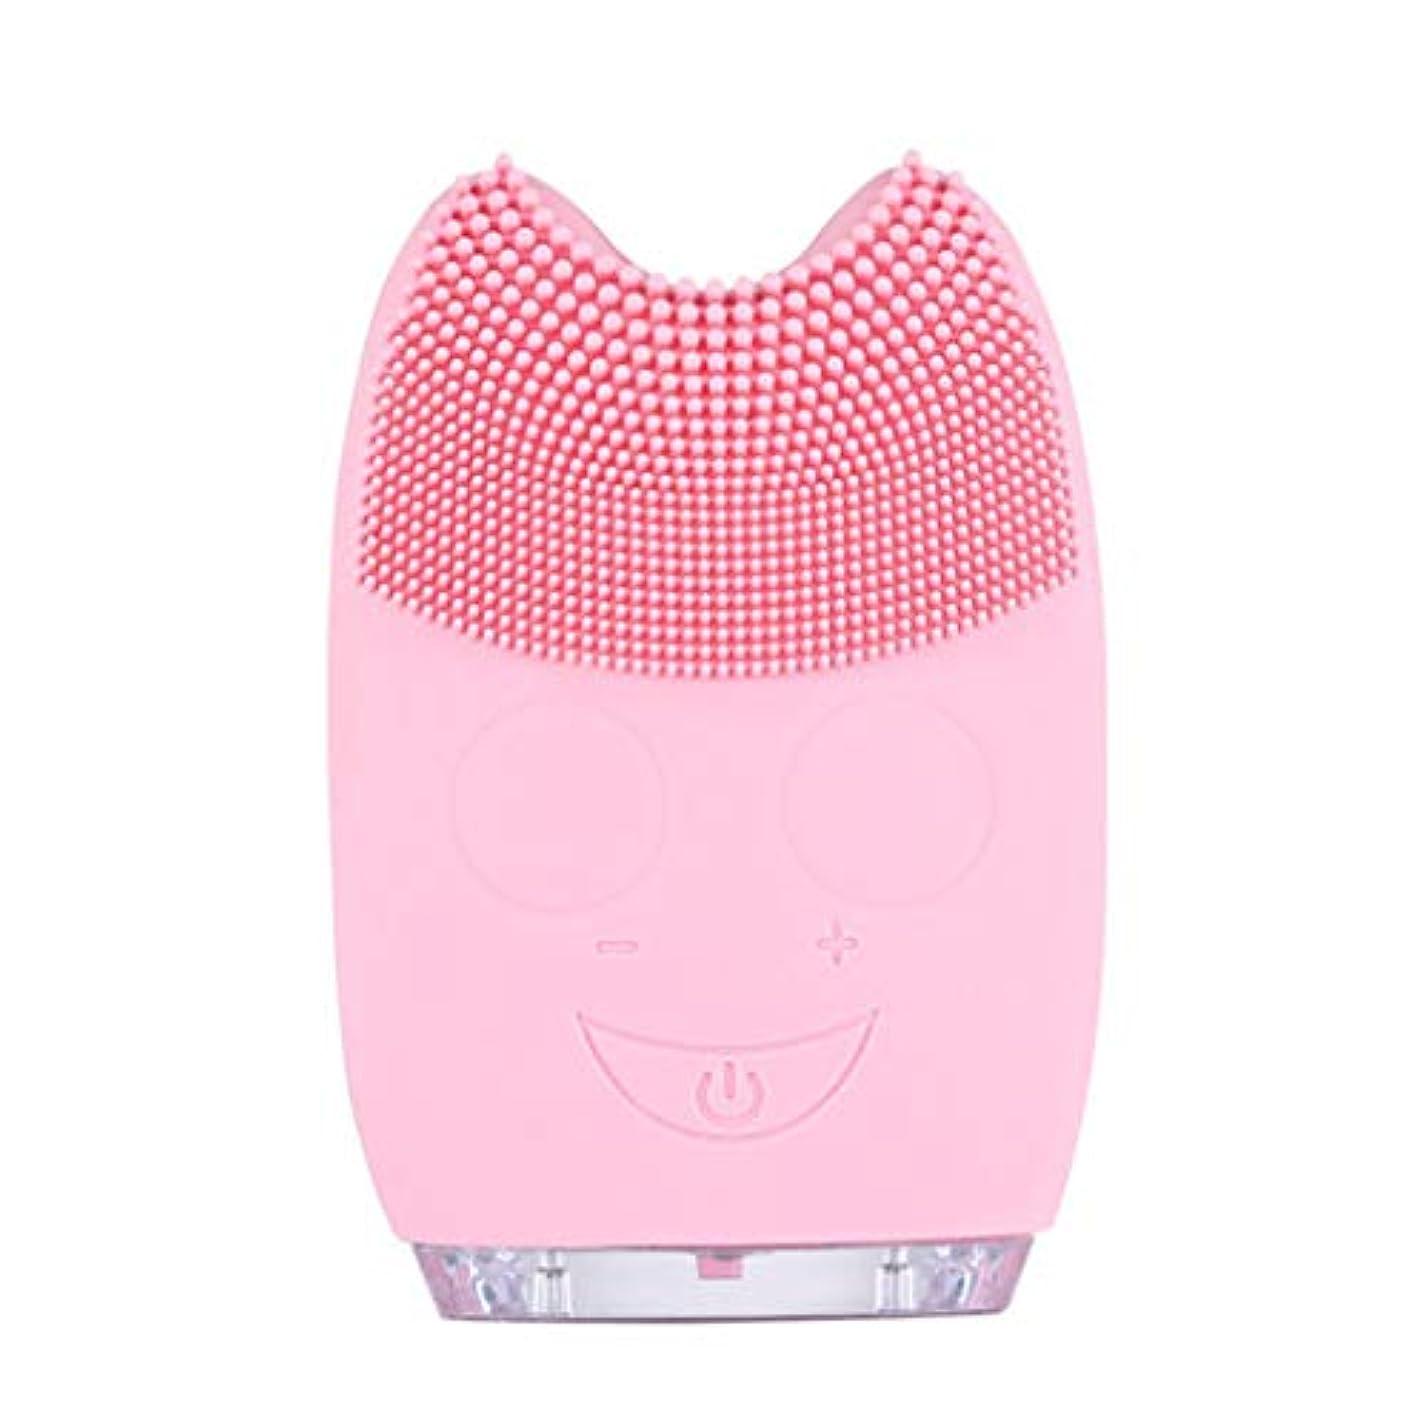 エンジニアリングフィラデルフィアタバコQi フェイシャルクレンザーブラシ、防水ミニ電動マッサージマシンシリコンフェイシャルクレンジングデバイスツール GQ (色 : Pink)